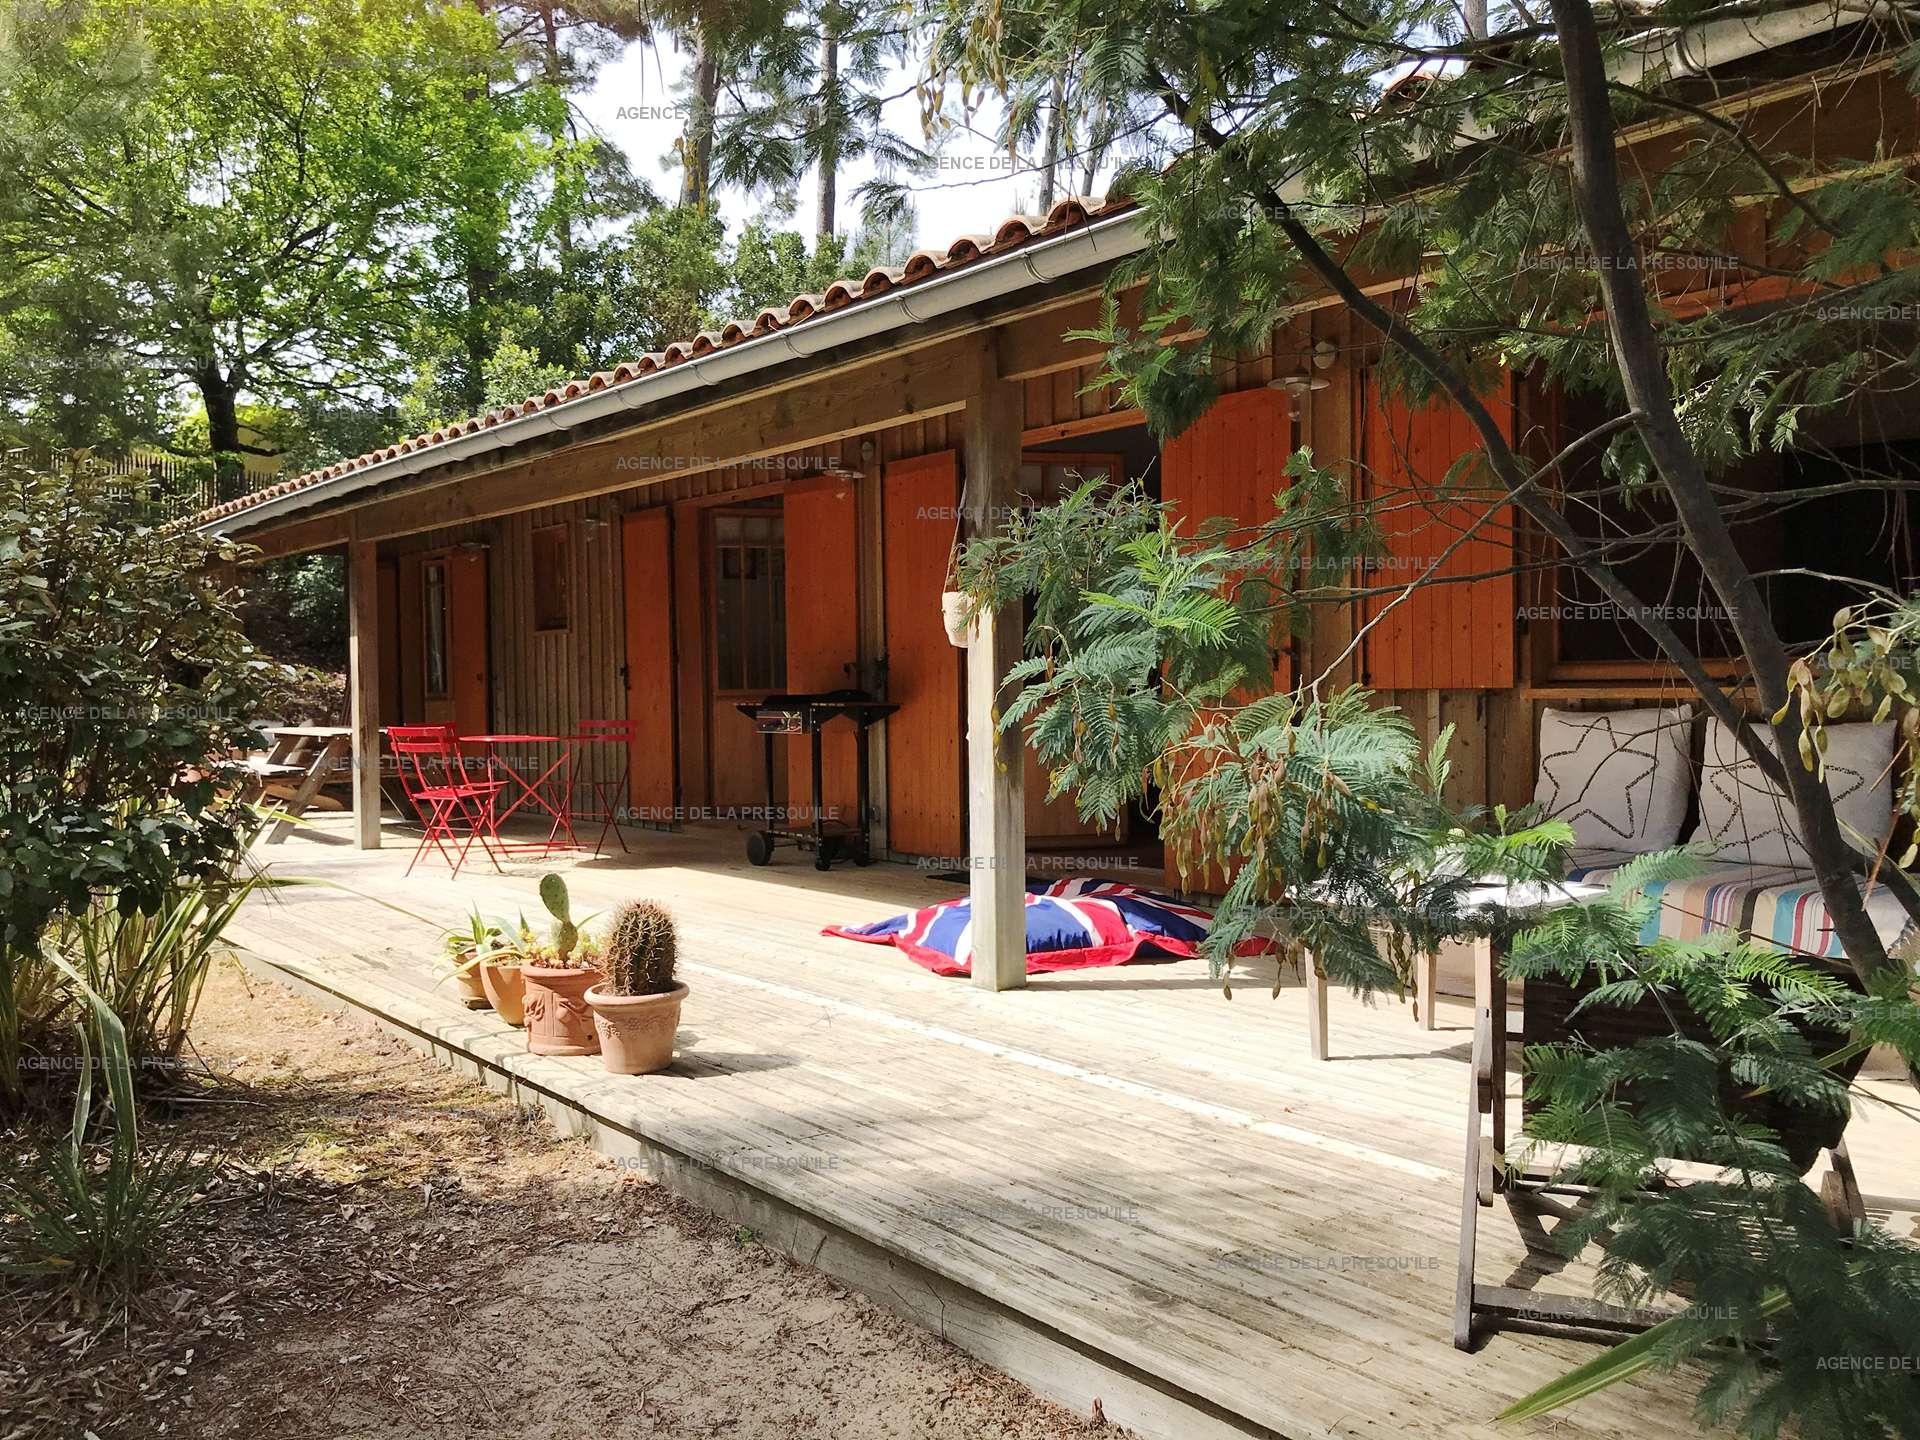 Location: Entre bassin et océan – agréable villa bois située au calme 3